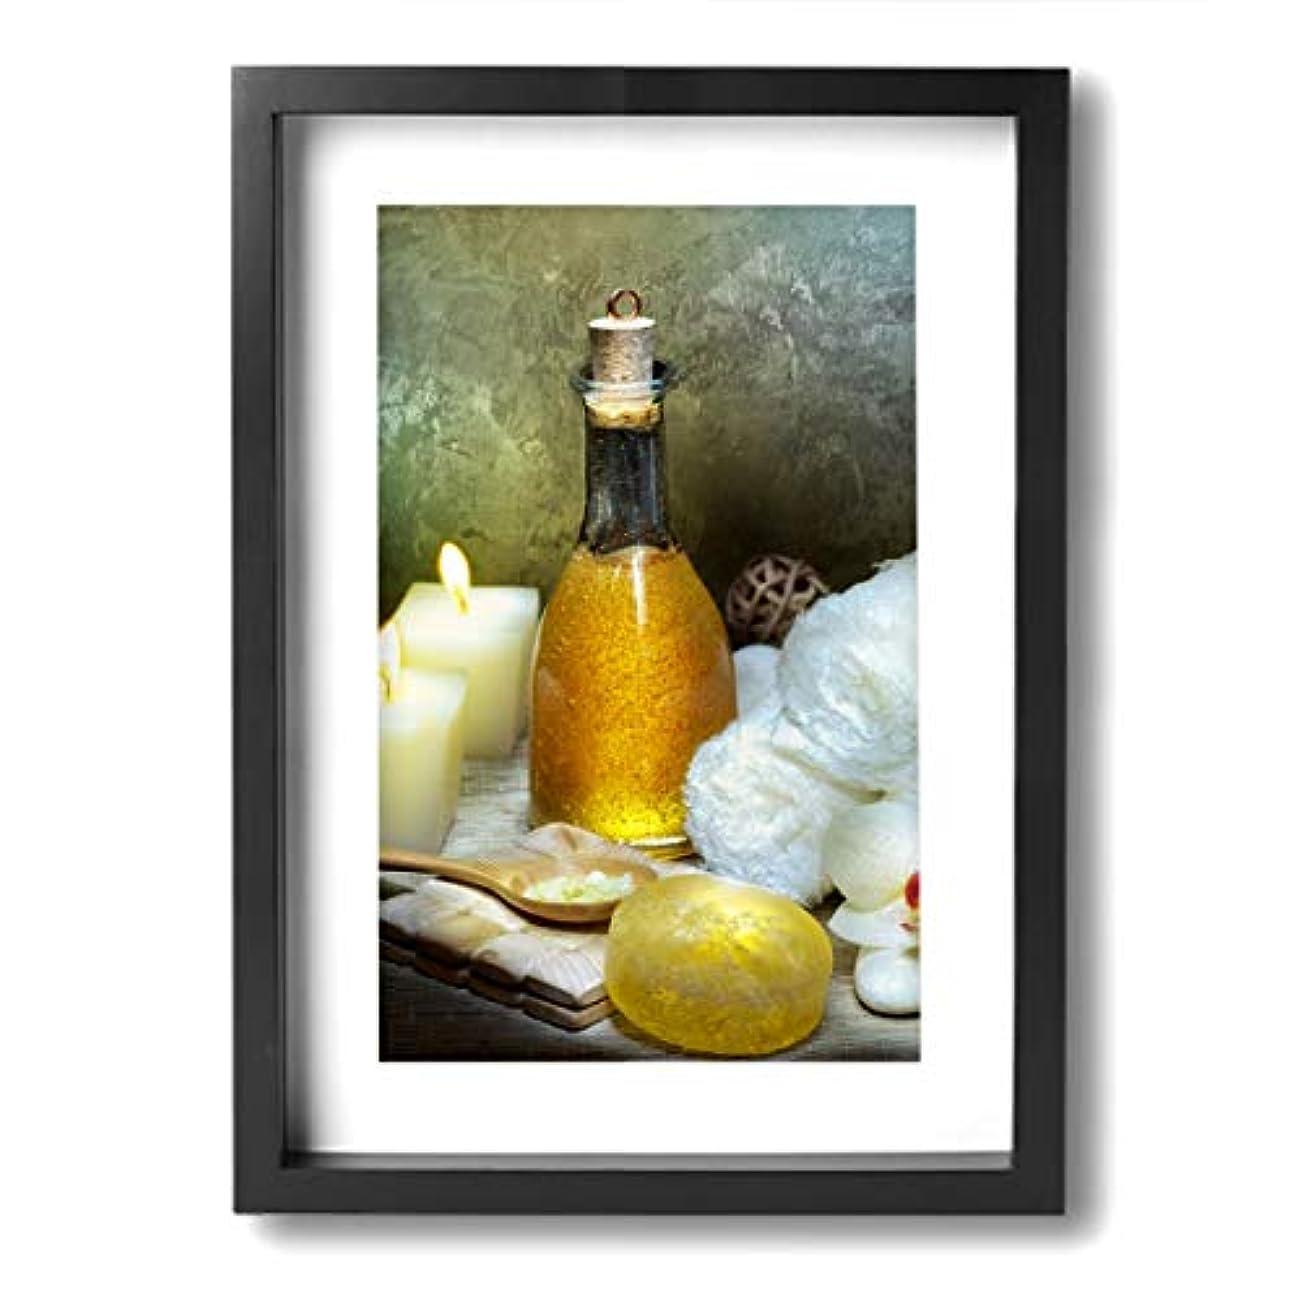 フェリー排他的公爵魅力的な芸術 20x30cm Flower Candle Peace Spa Relax キャンバスの壁アート 画像プリント絵画リビングルームの壁の装飾と家の装飾のための現代アートワークハングする準備ができて